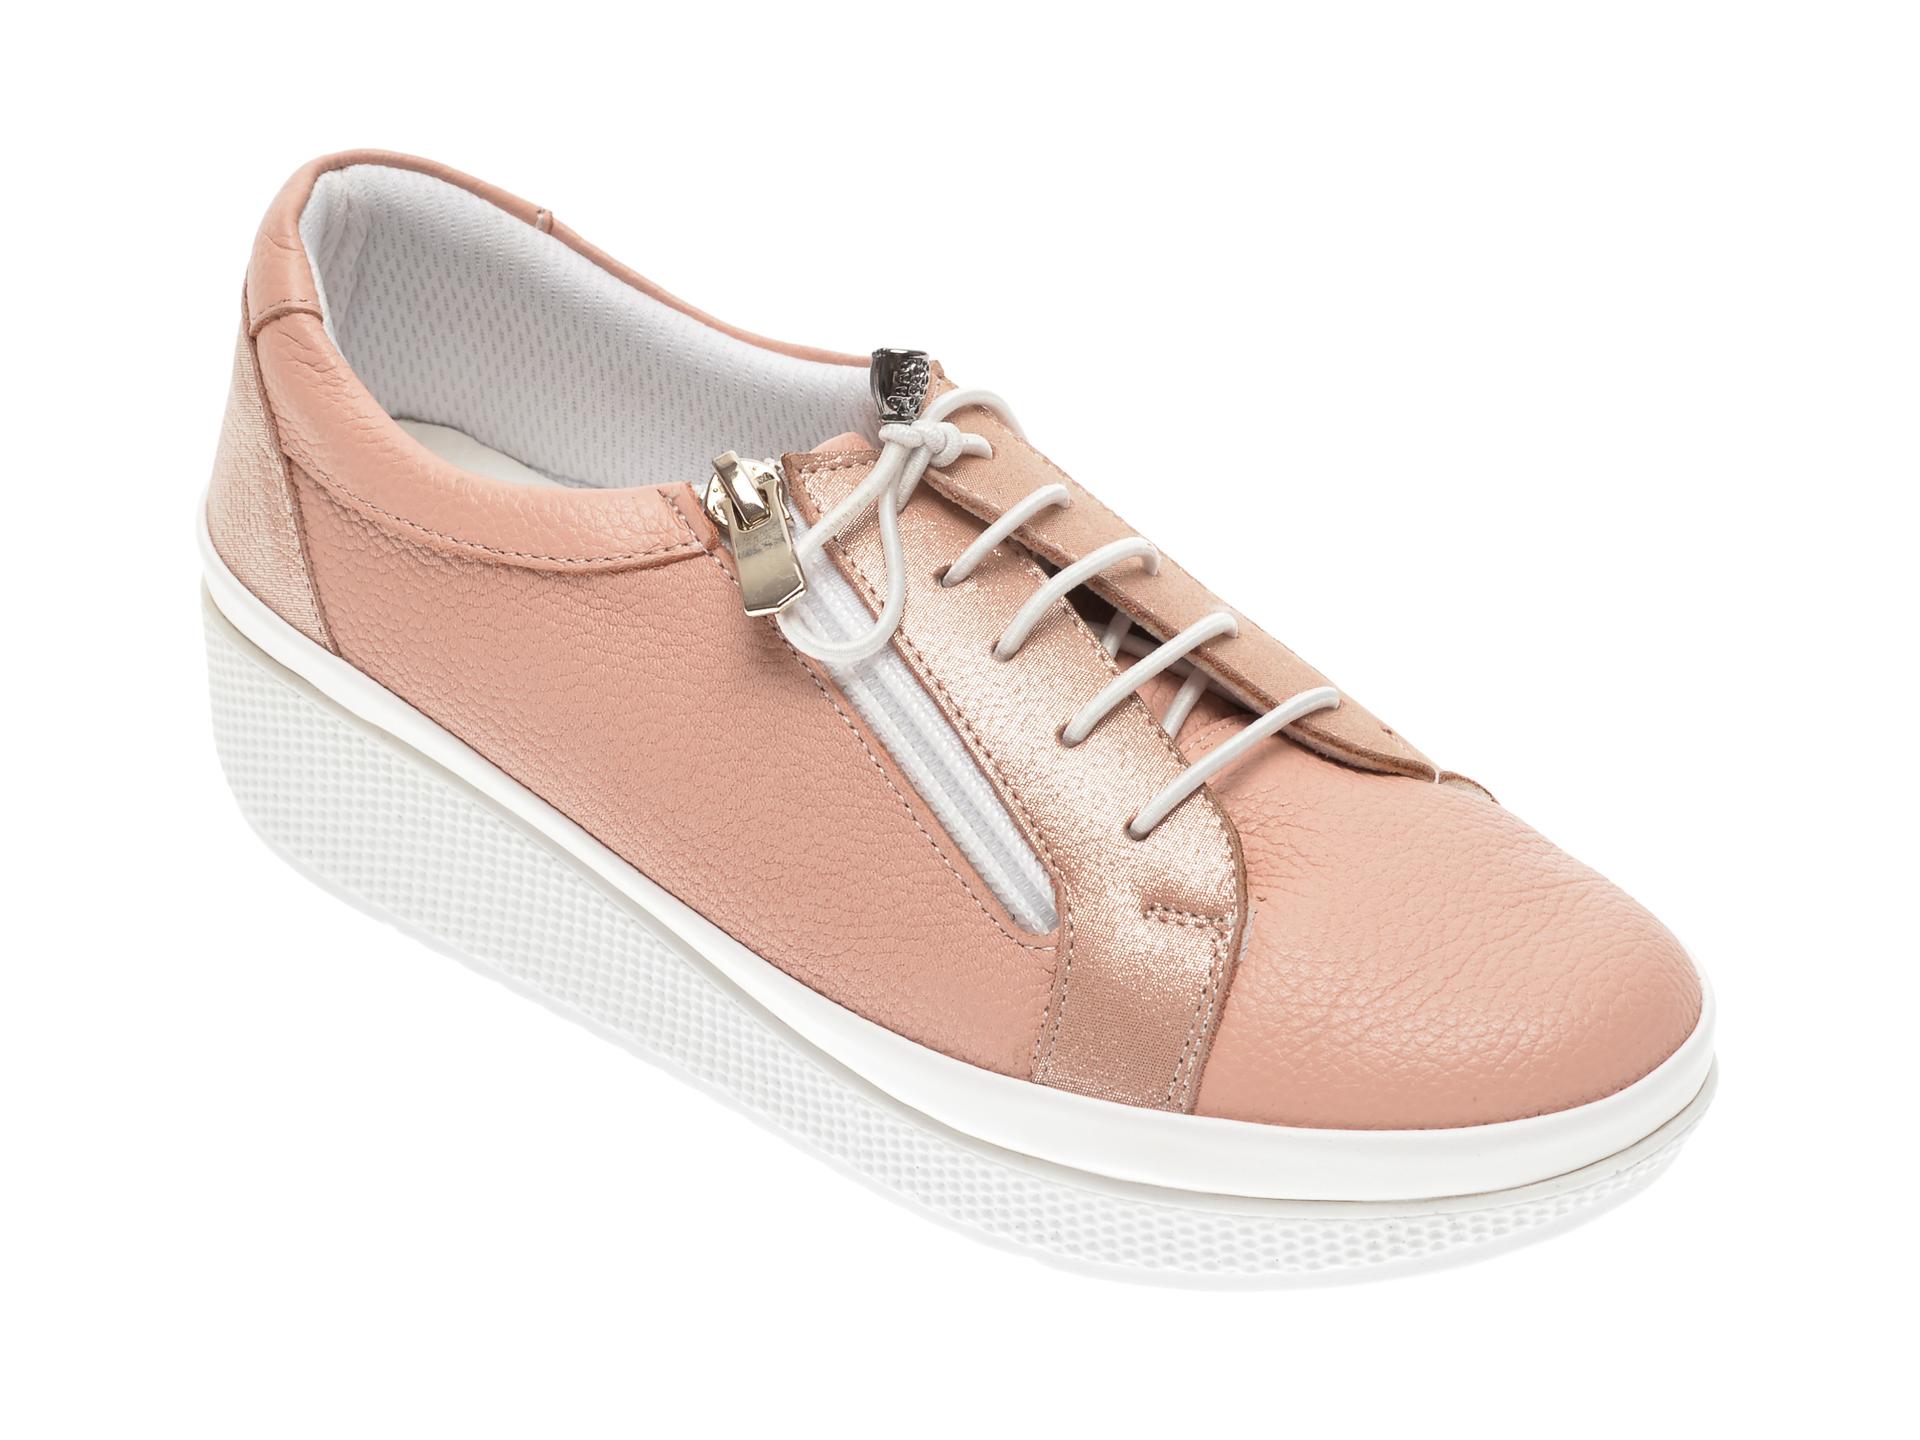 Pantofi PASS COLLECTION roz, H13, din piele naturala